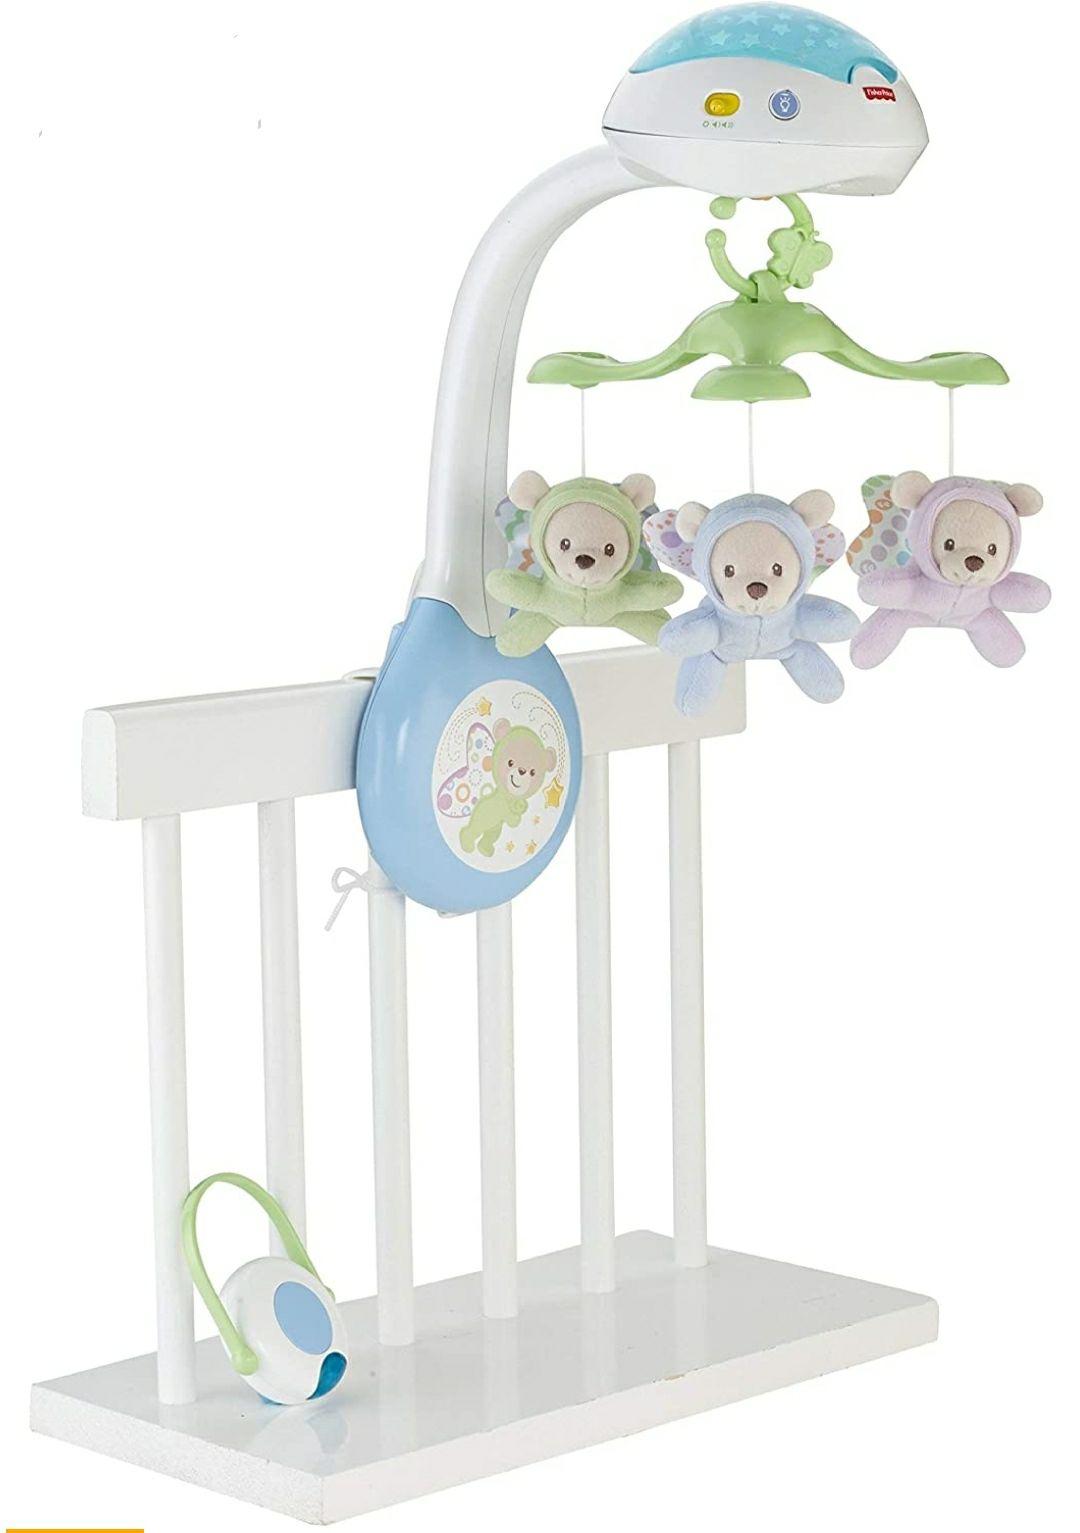 REACO, Como Nuevo. Fisher-Price - Móvil con ositos - juguetes bebe - (Mattel CDN41)